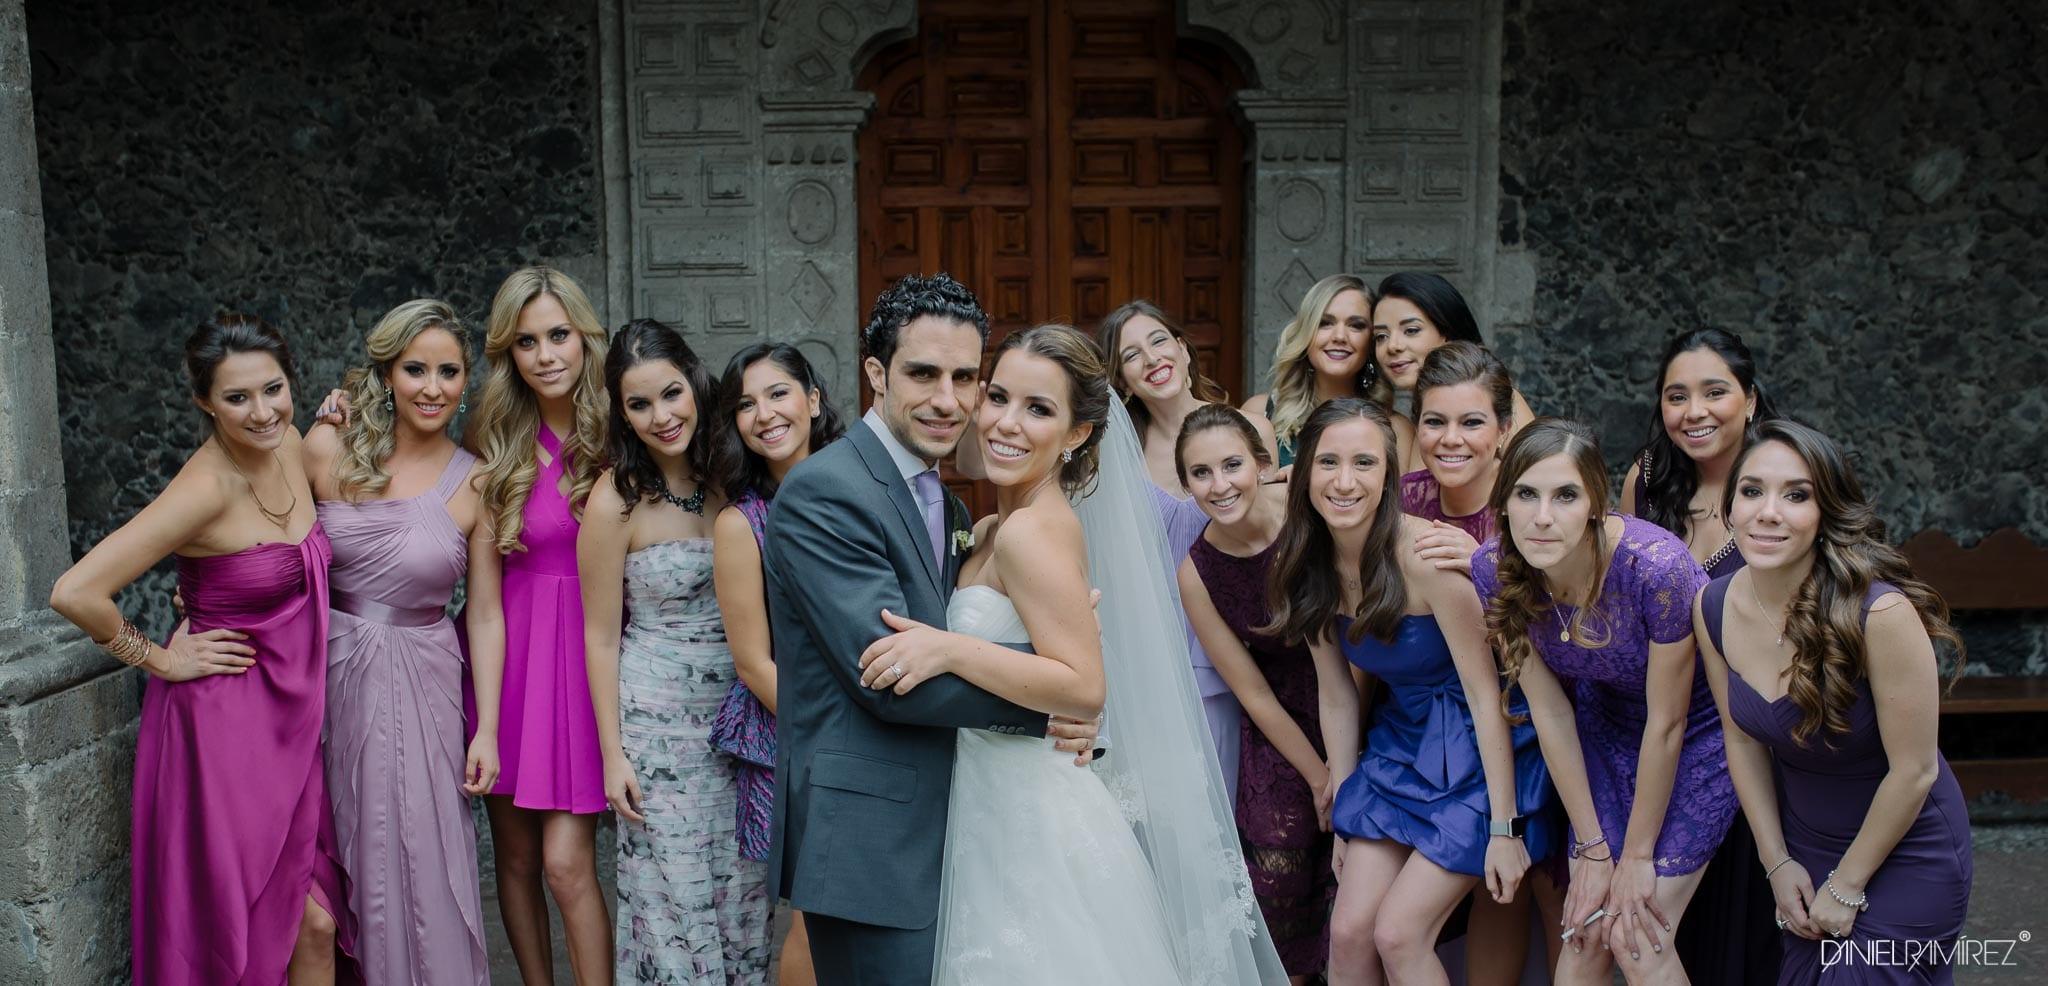 bodas-cdmx-fotografos-134-11